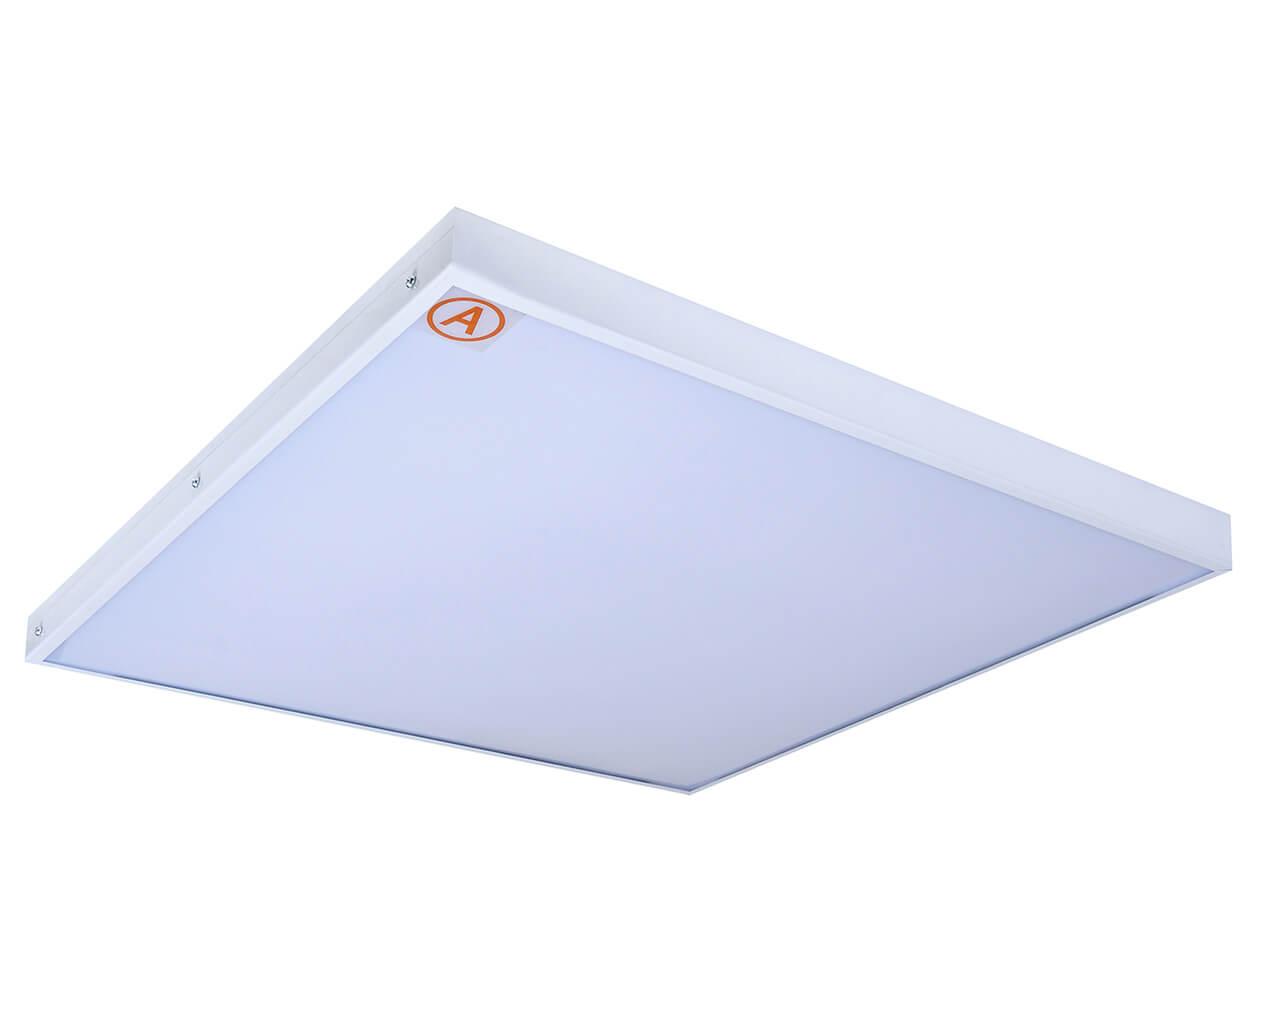 Универсальный светильник LC-US-60-OP-WW ватт 595x595 Теплый белый Опал с Бап-1 час